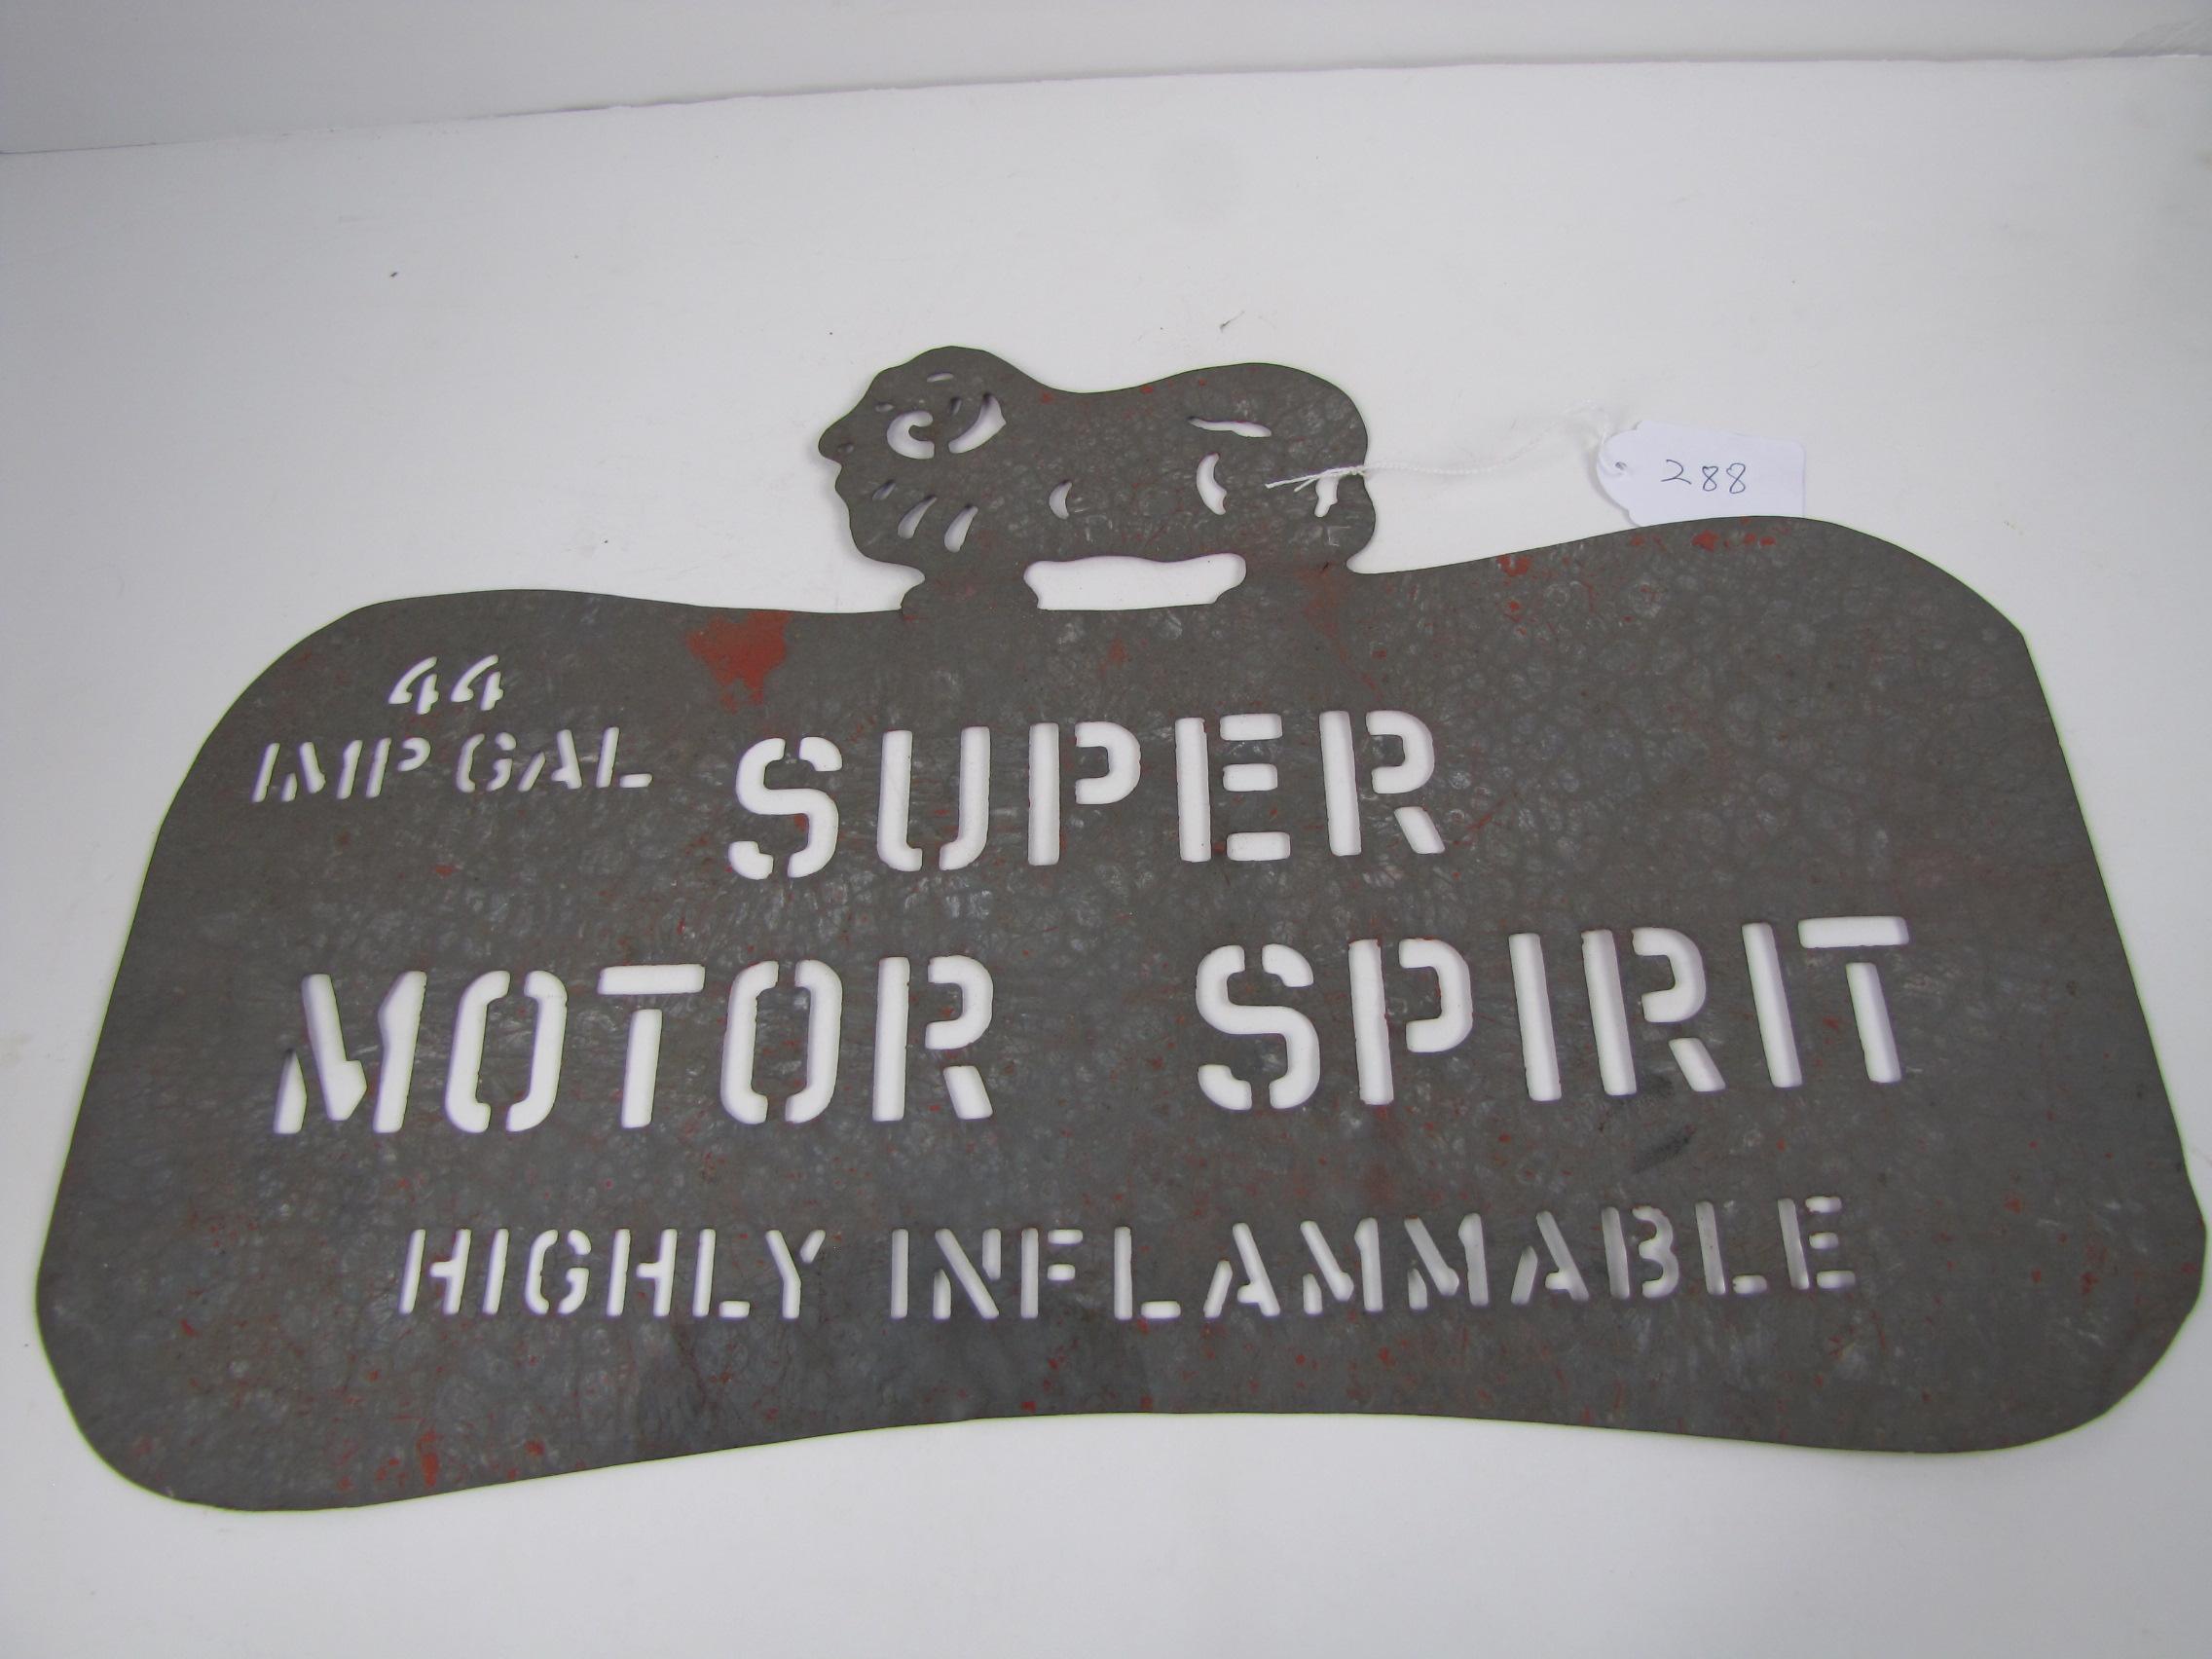 Drum Identification Stencil - Ram on Dogbone Super Motor Spirit 44